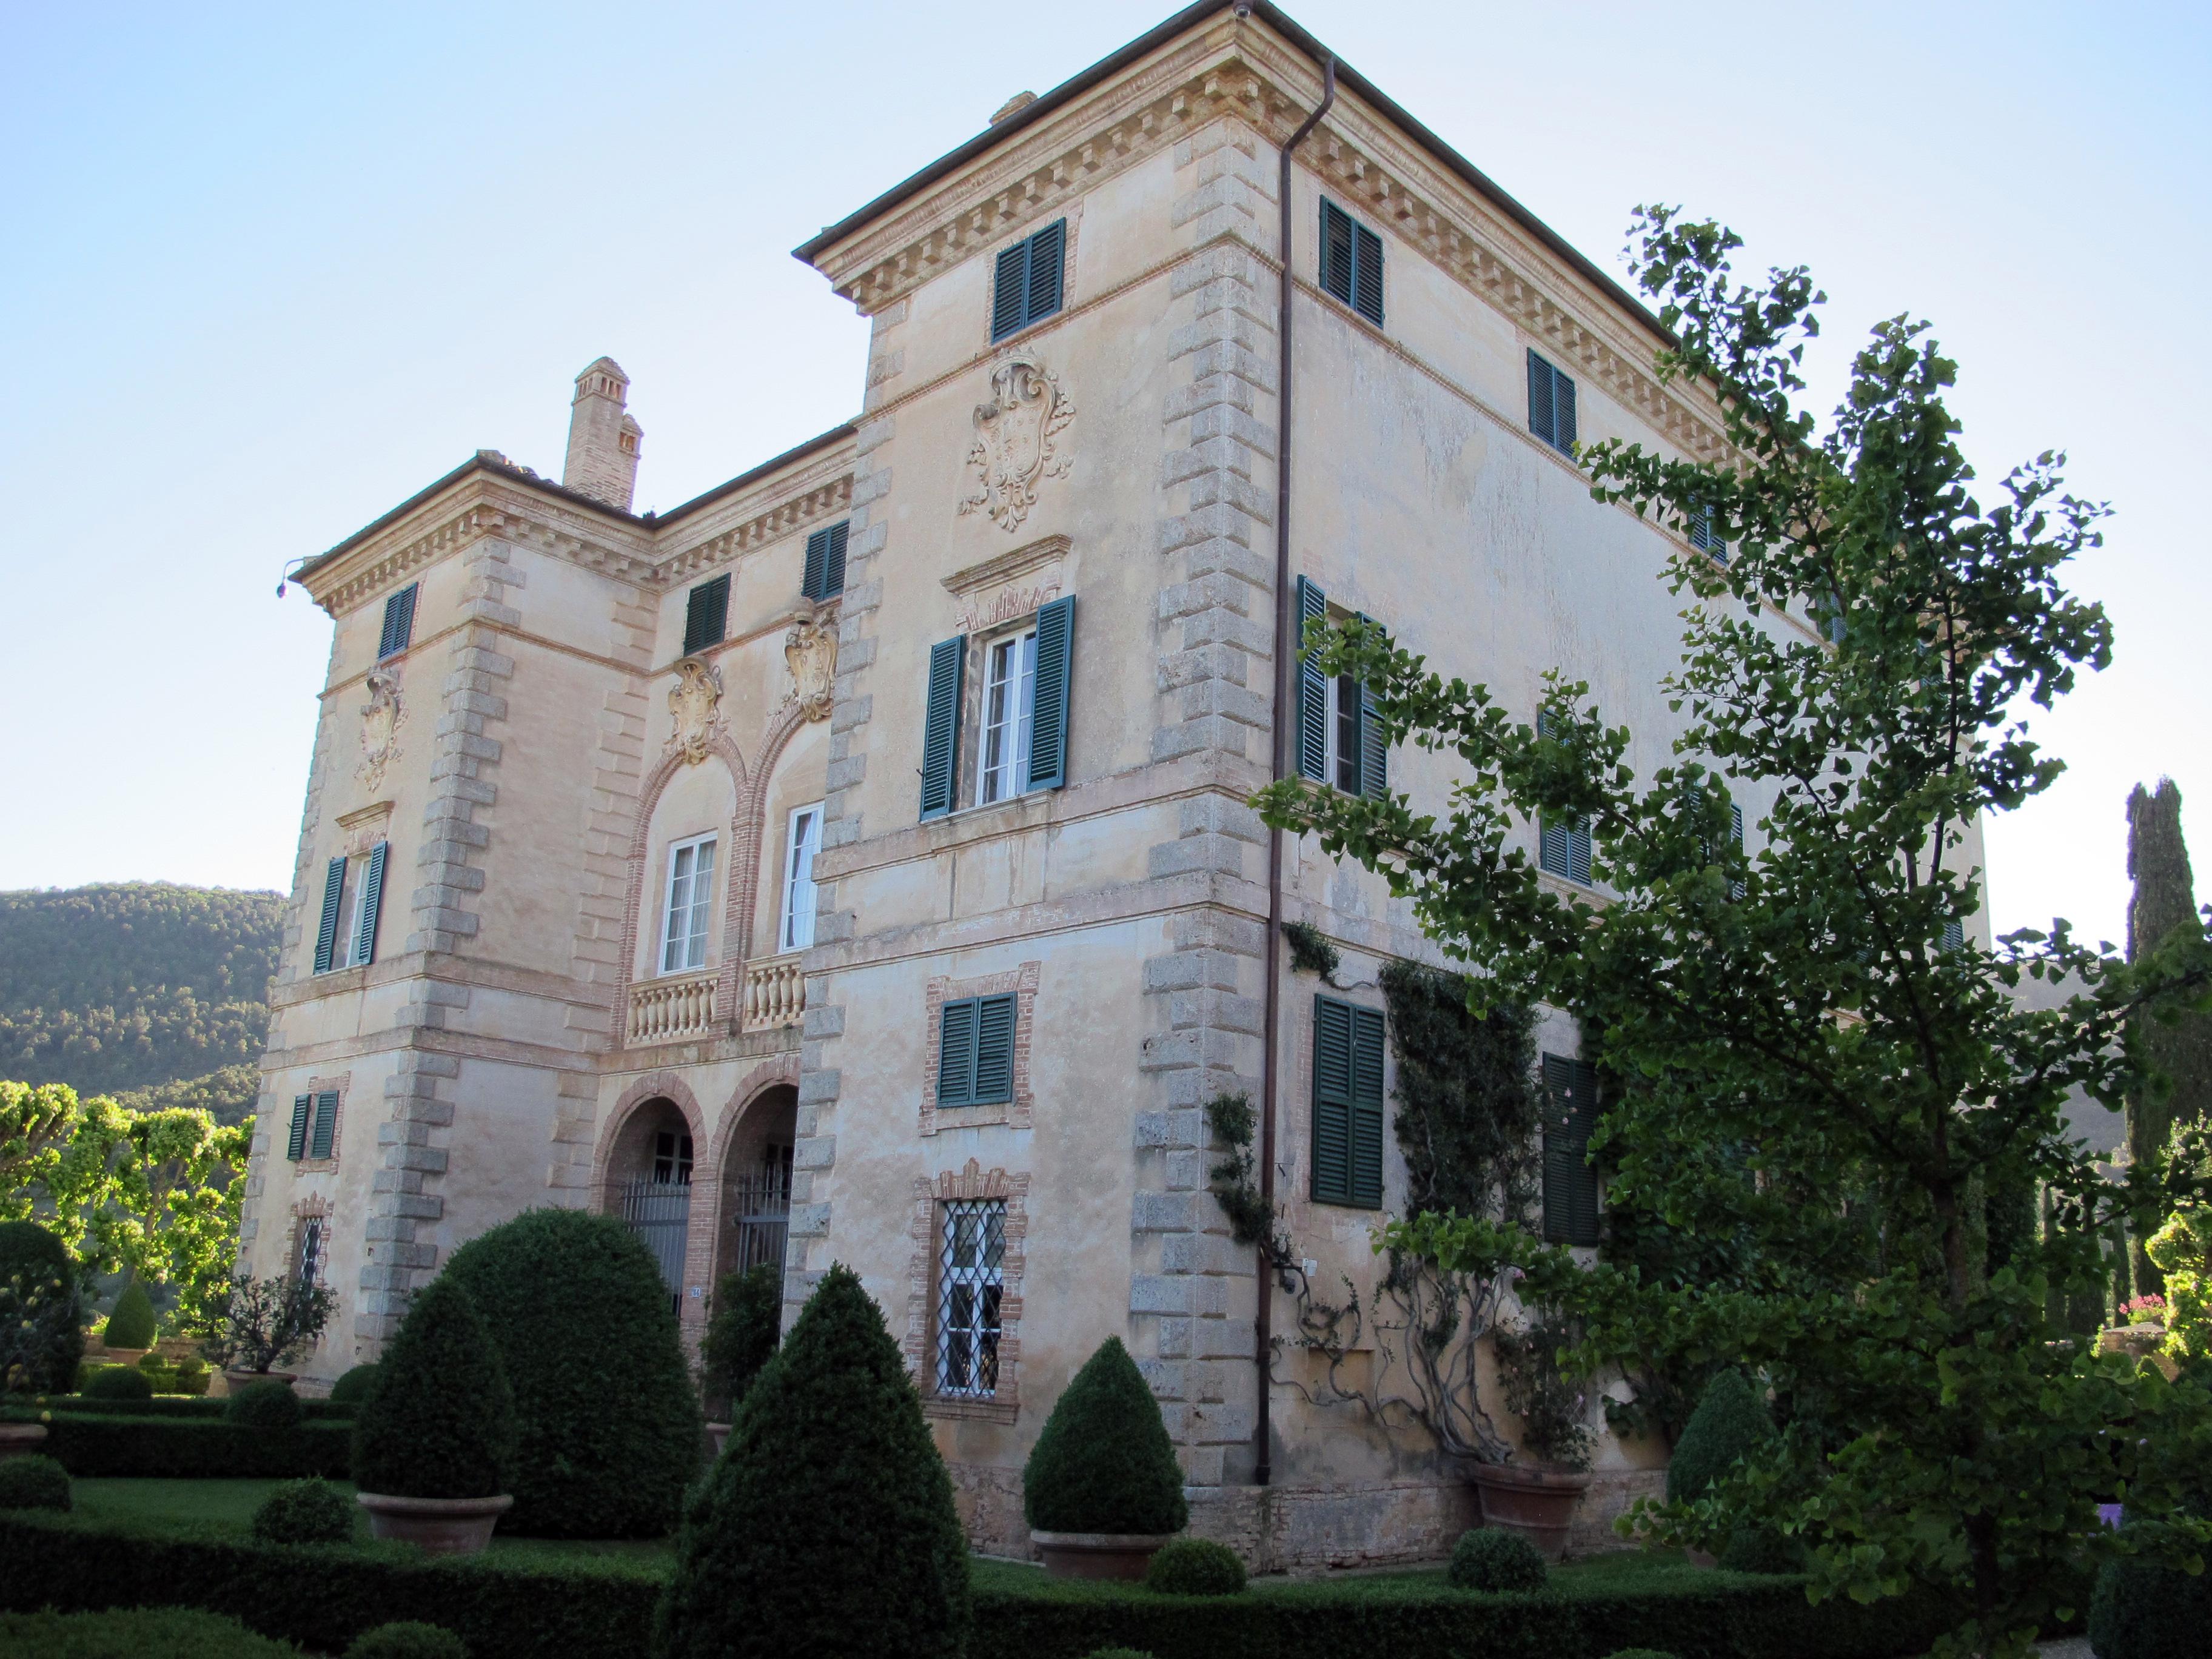 Villa cetinale, 4.JPG